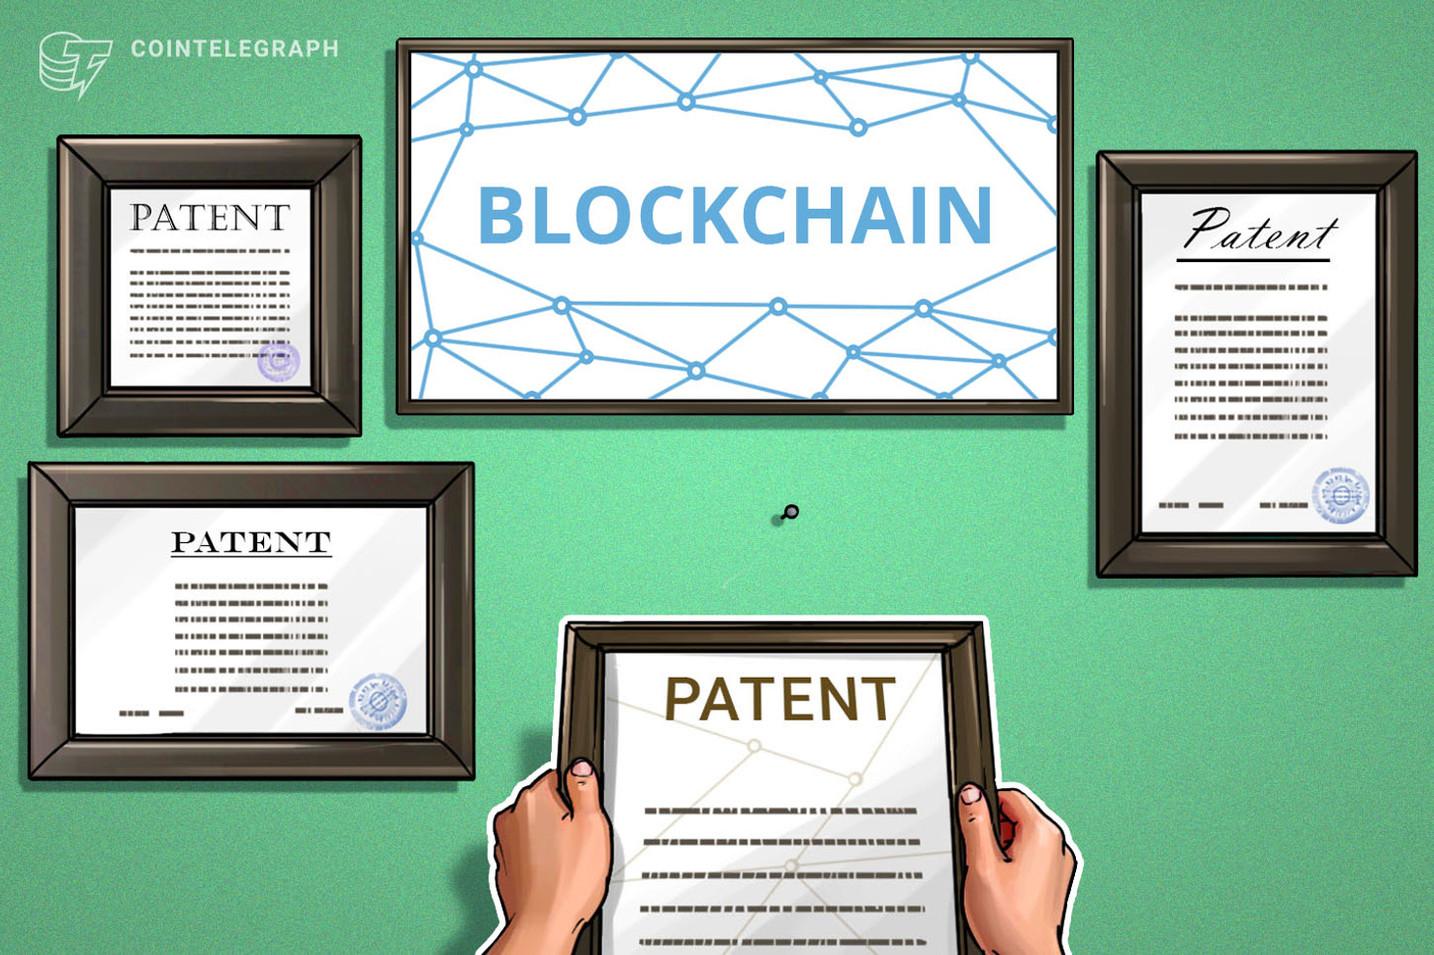 El grupo especializado en Propiedad Intelectual más grande en países de habla hispana utilizará tecnología Blockchain